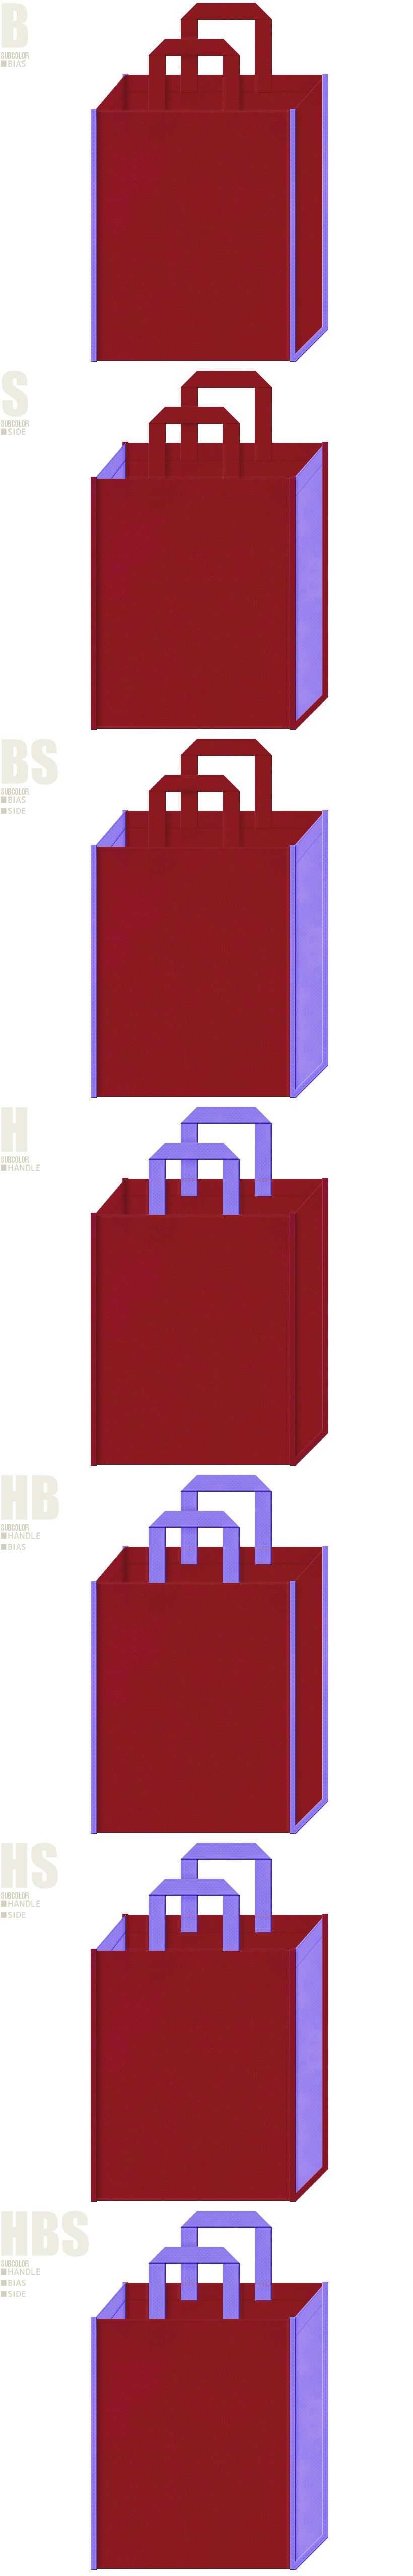 不織布バッグのデザイン:エンジ色と薄紫色の配色7パターン